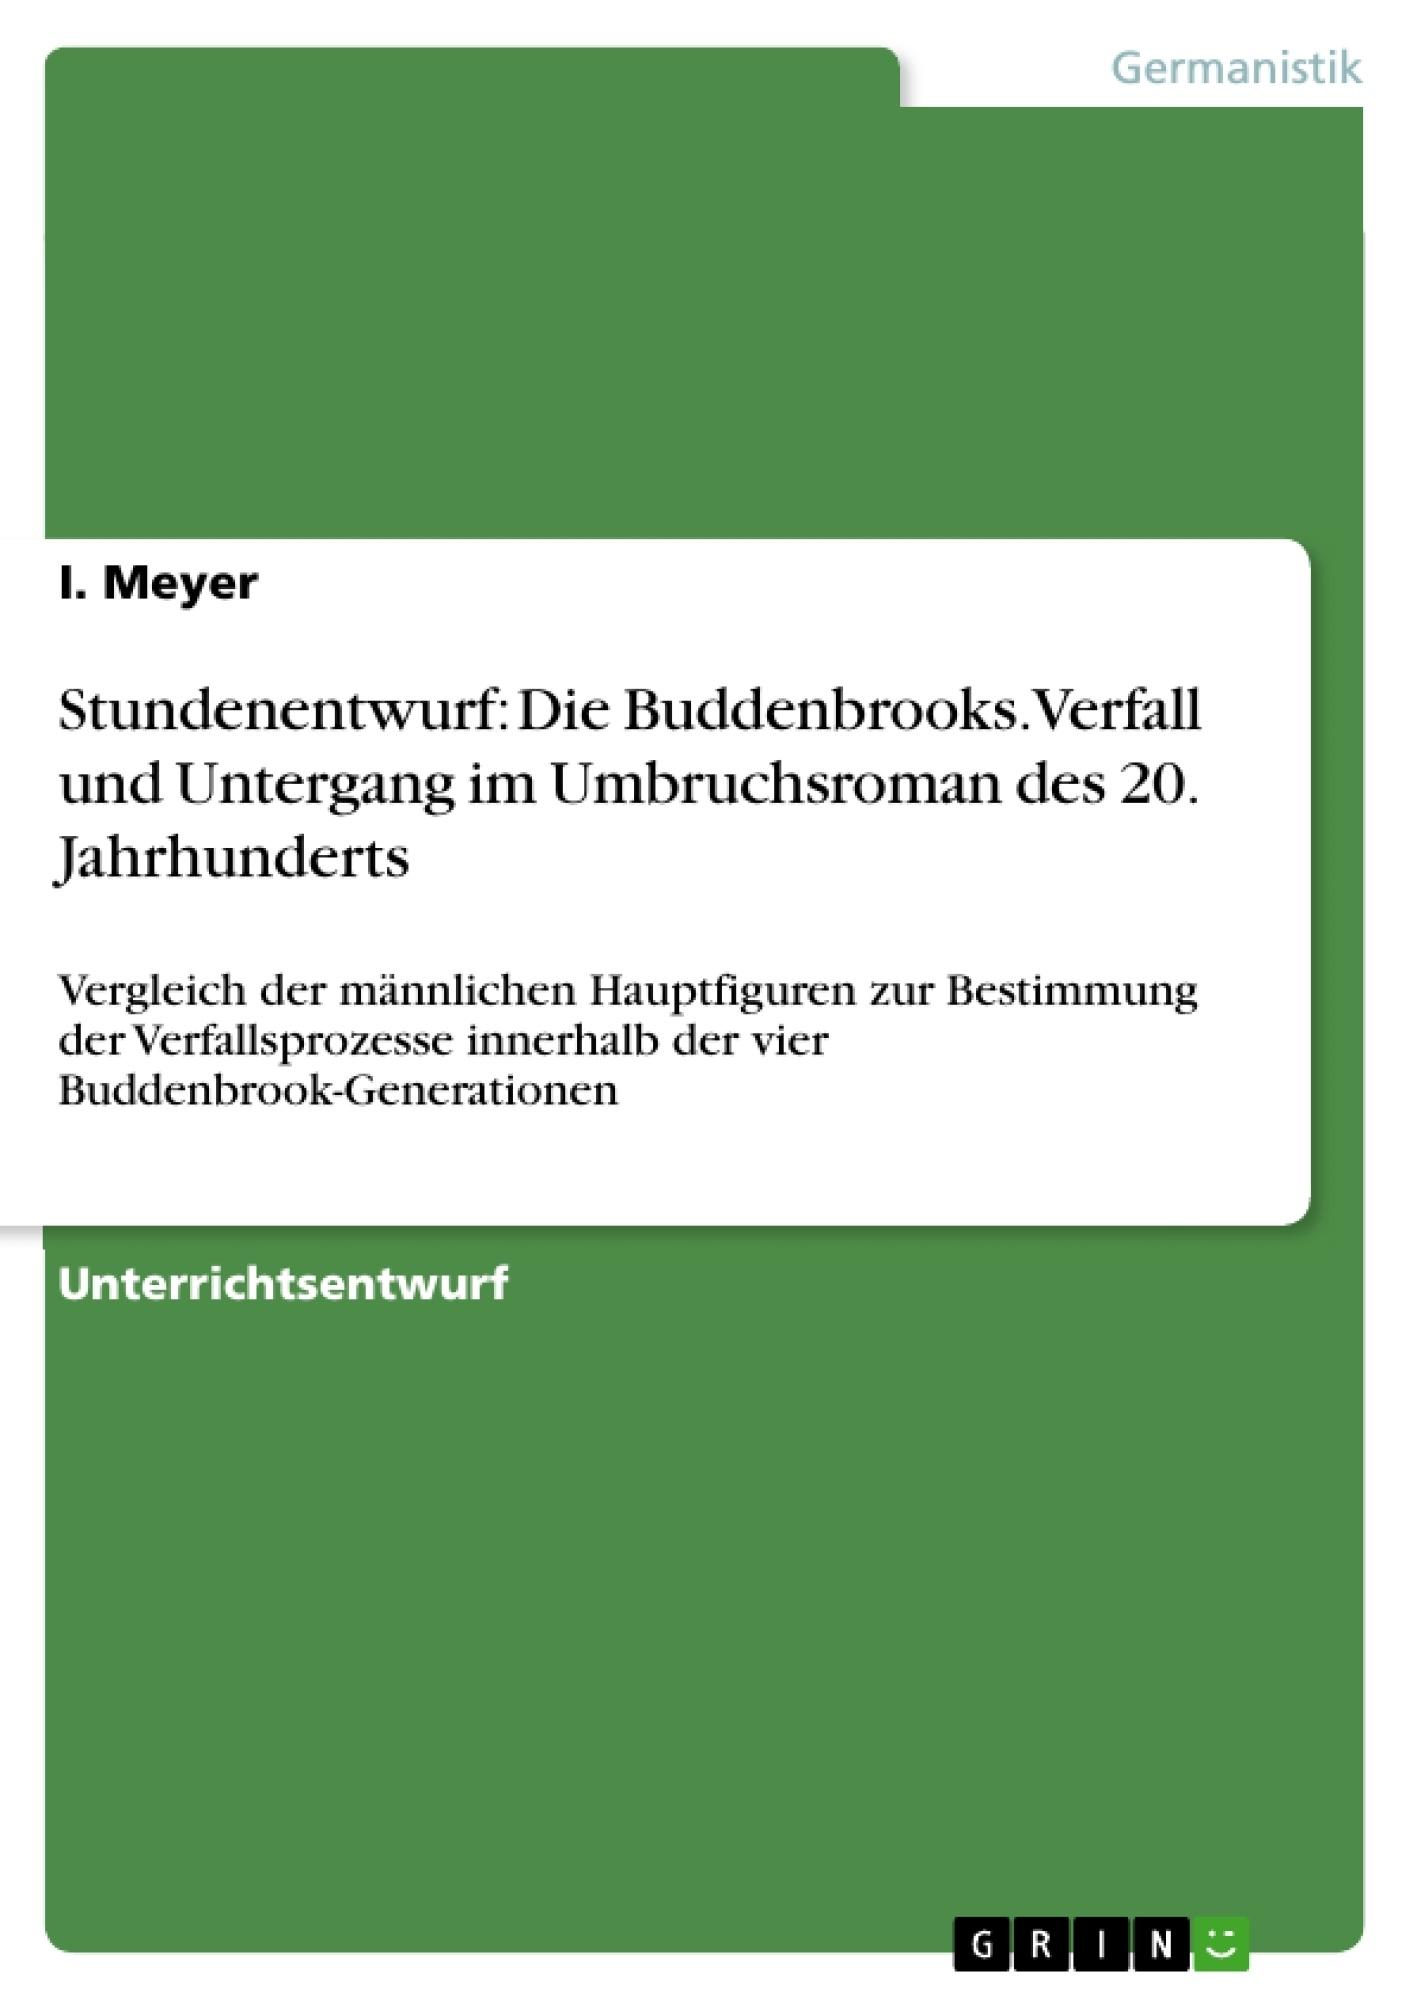 Titel: Stundenentwurf: Die Buddenbrooks. Verfall und Untergang im Umbruchsroman des 20. Jahrhunderts